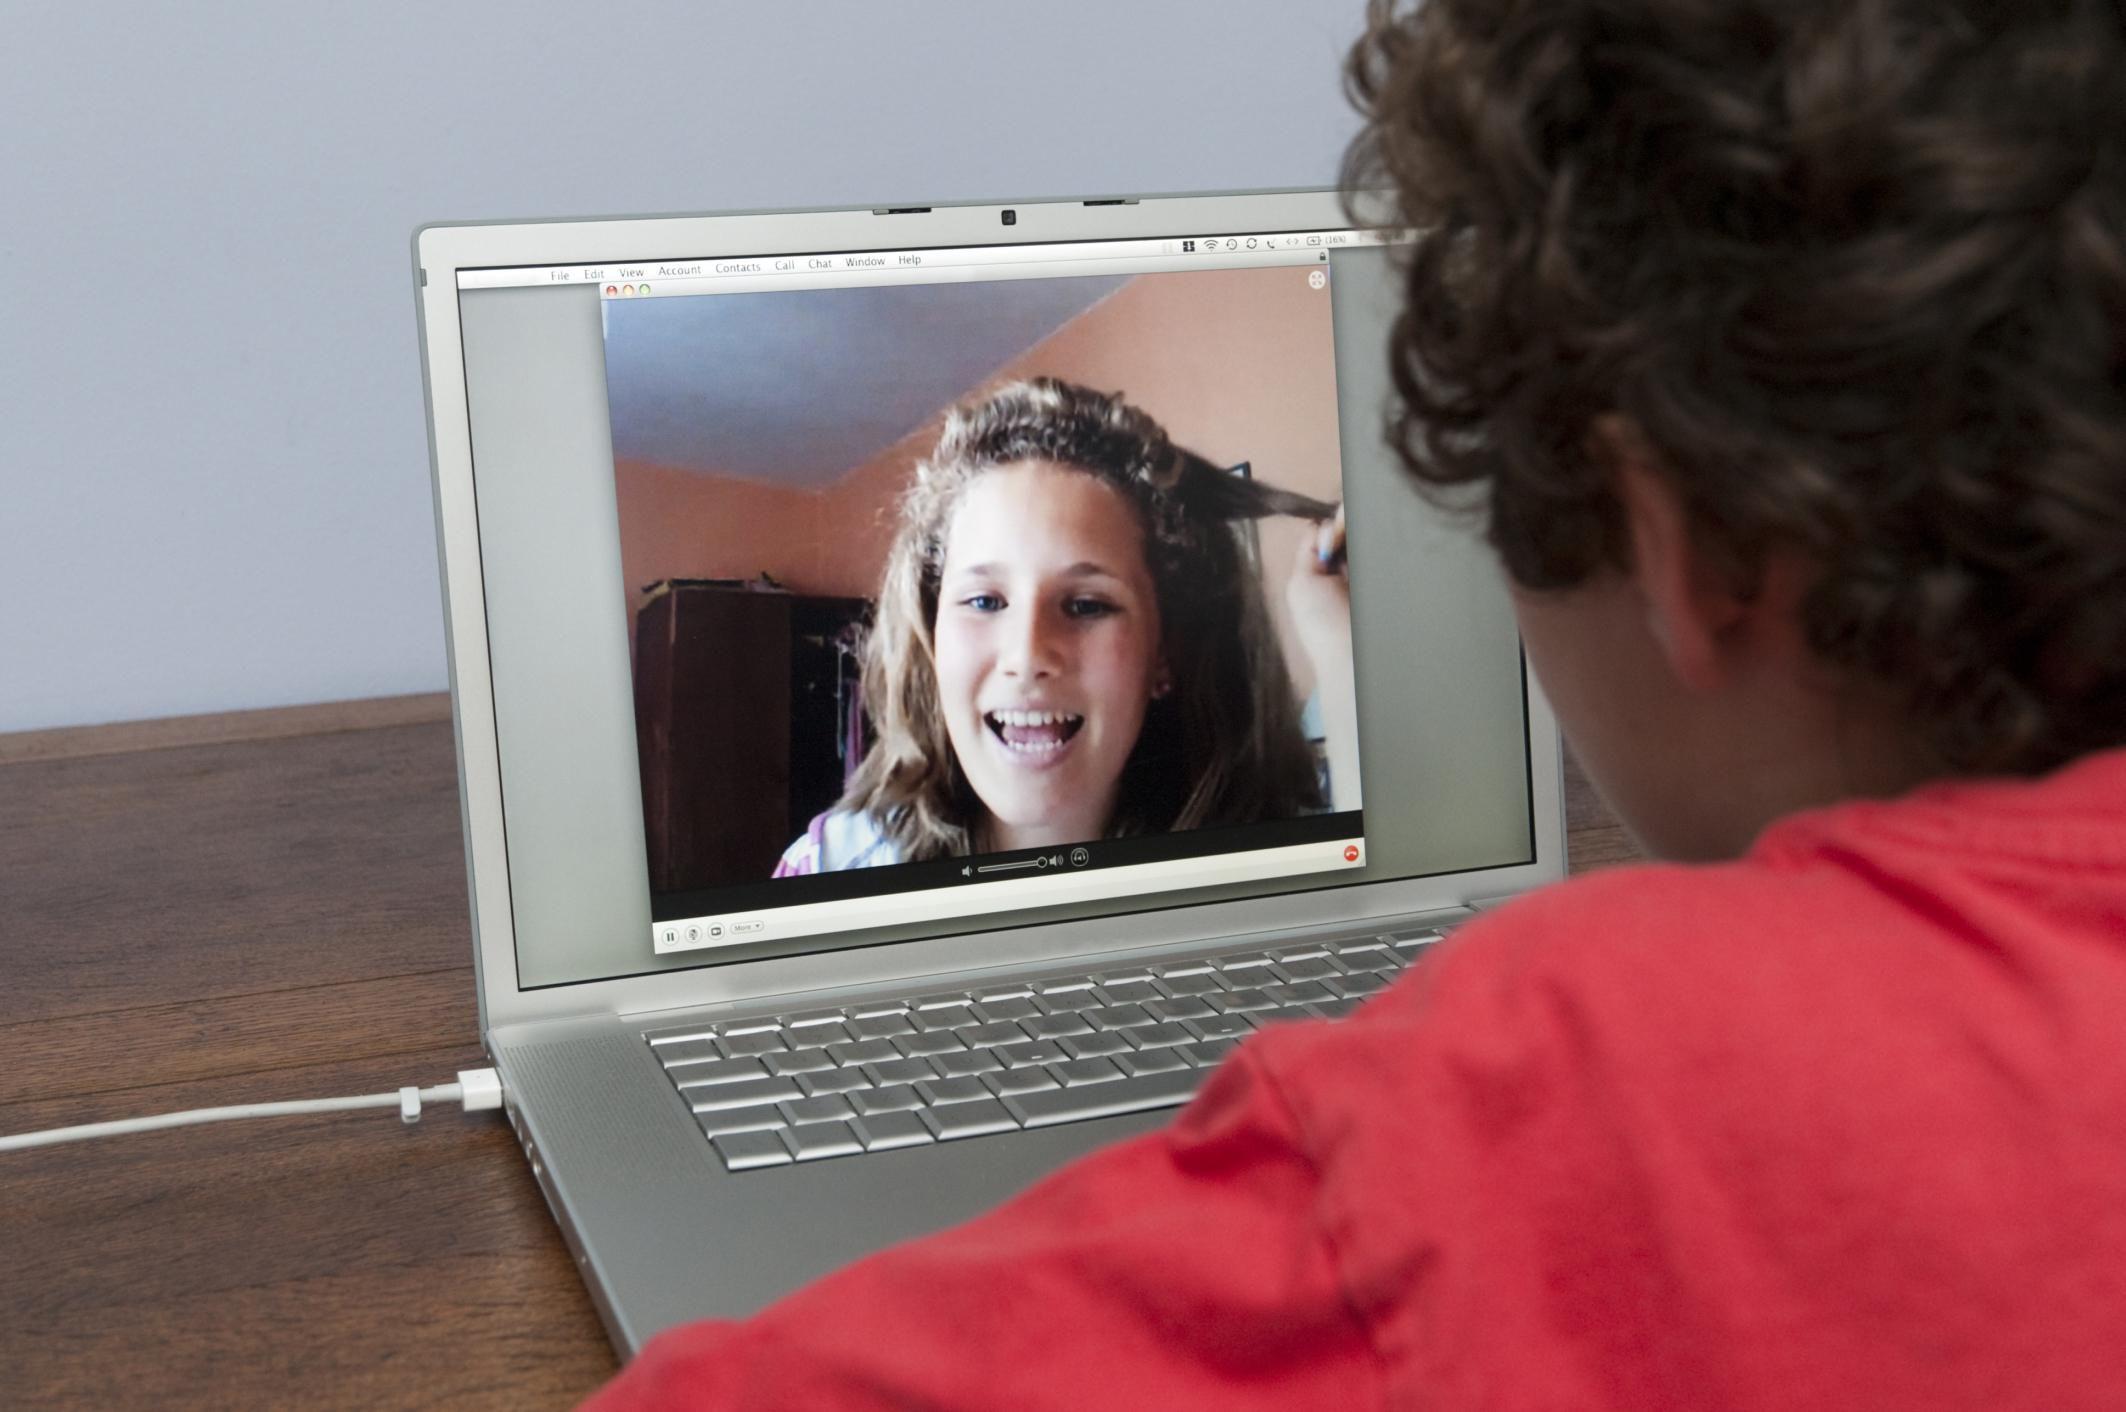 форум для виртуального общения по камере же